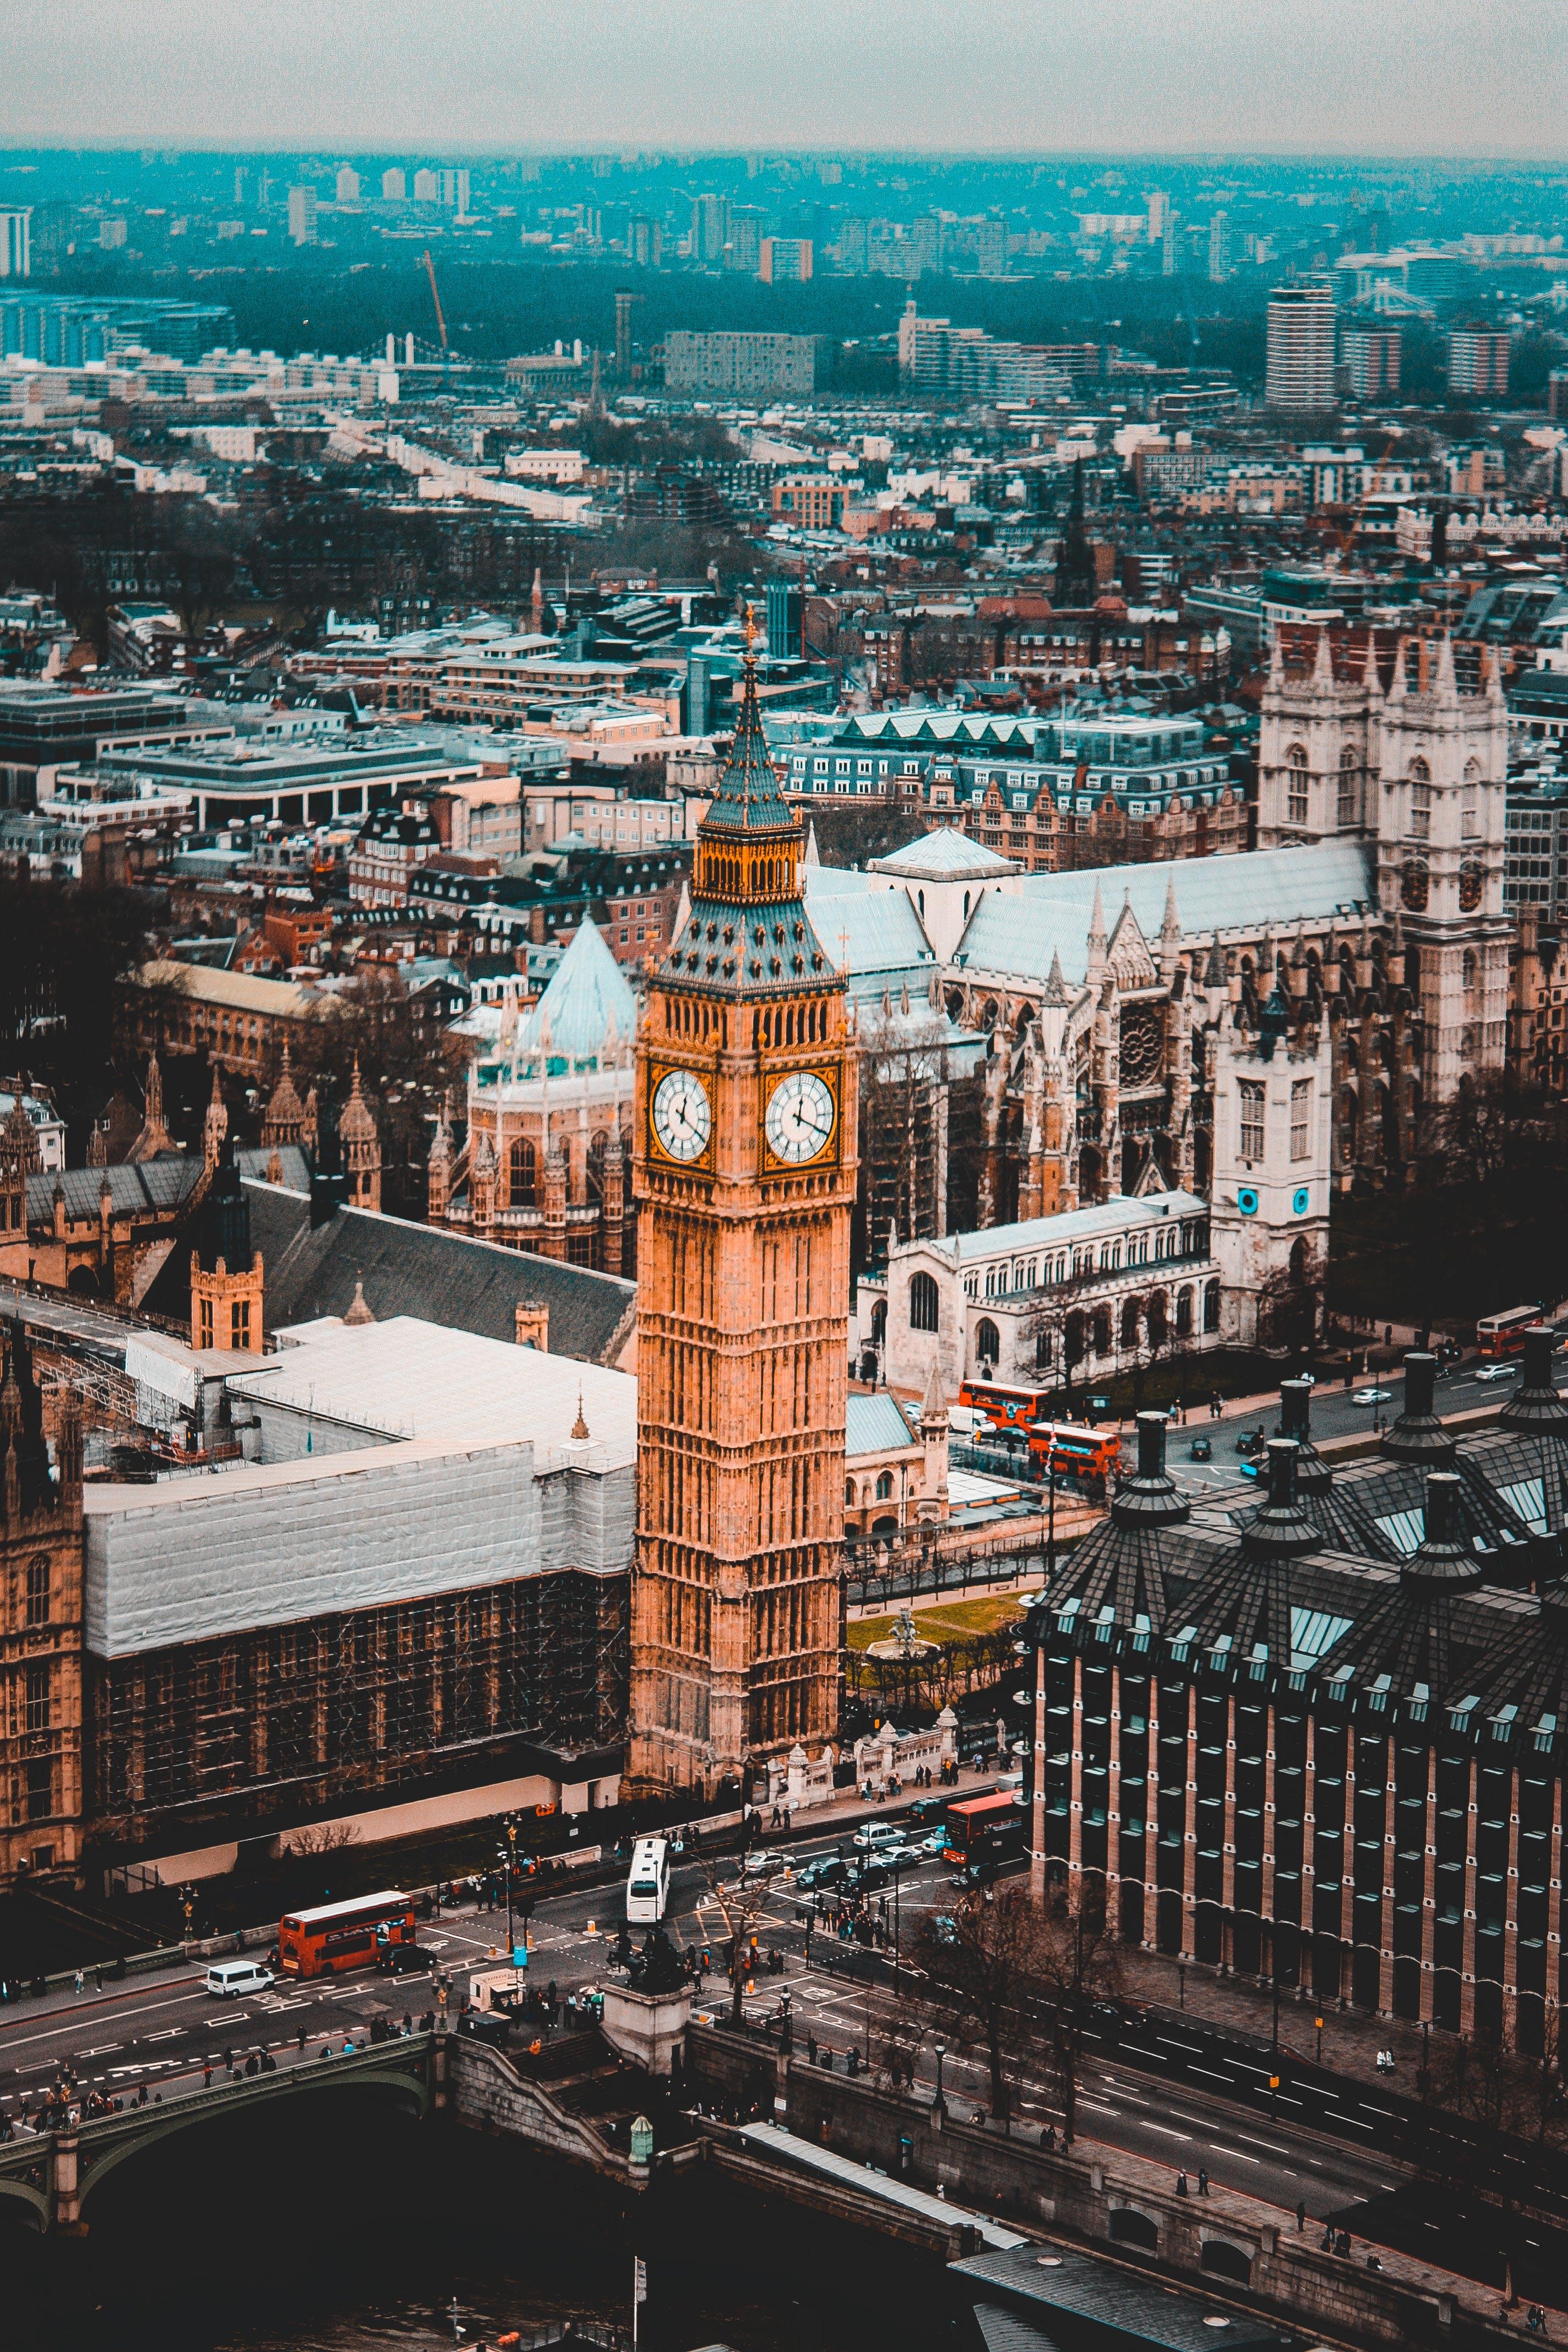 Il partito laburista britannico voterà contro il disegno di legge Brexit: Starmer thumbnail